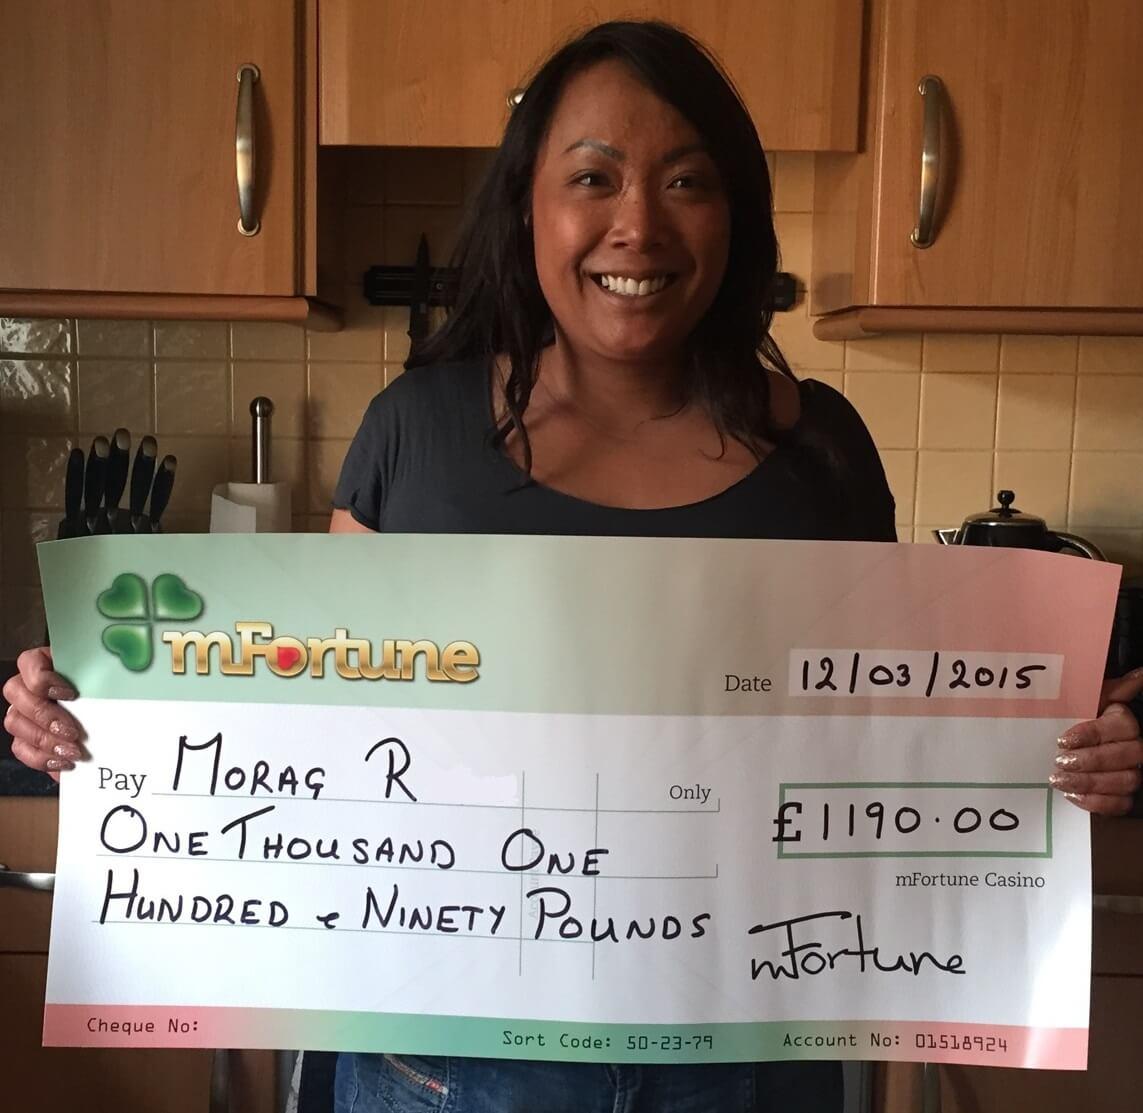 Morag R won £ 1,190